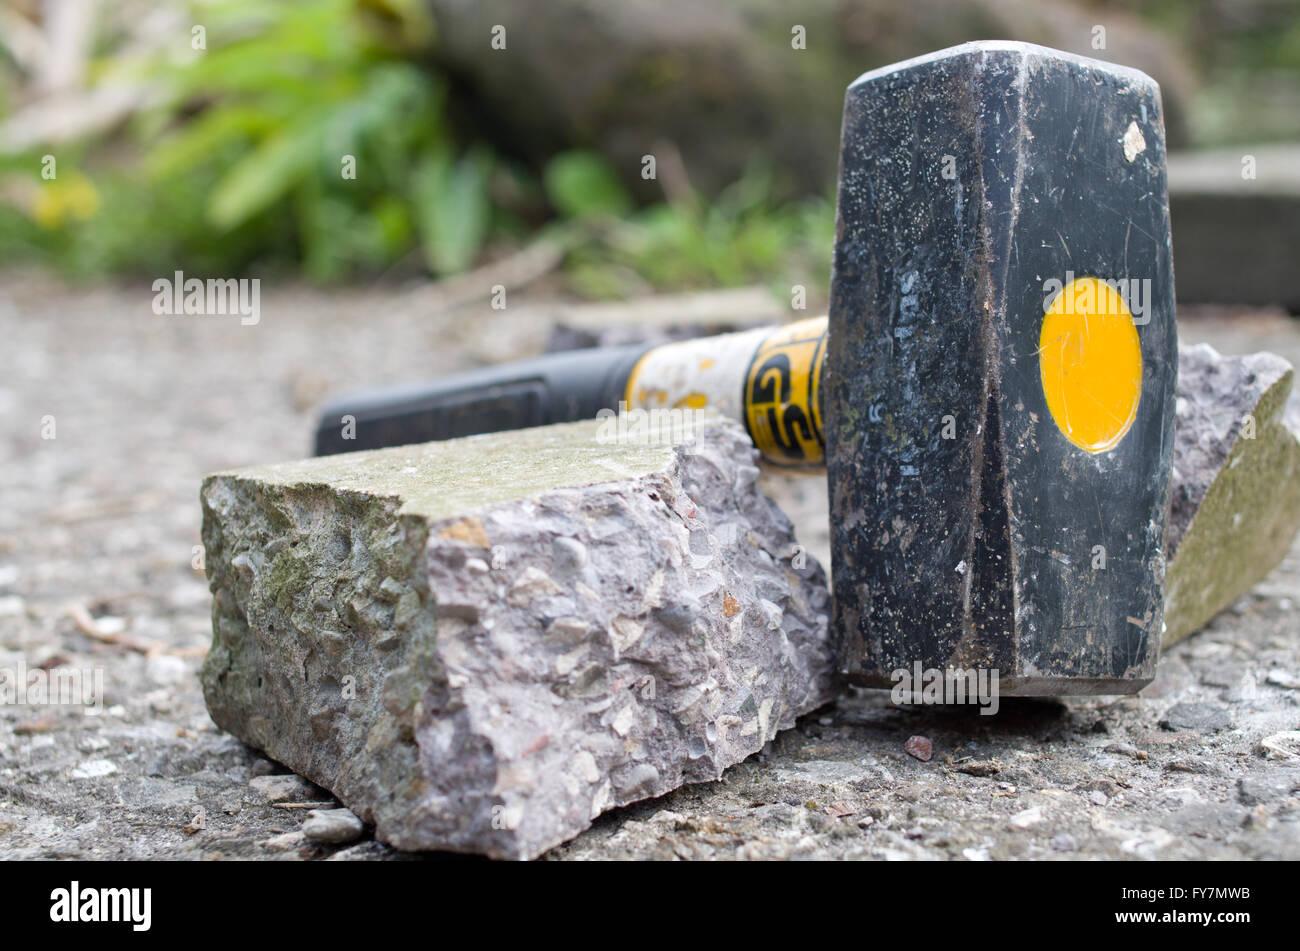 Marteau forfaitaire utilisée pour briser le béton Photo Stock